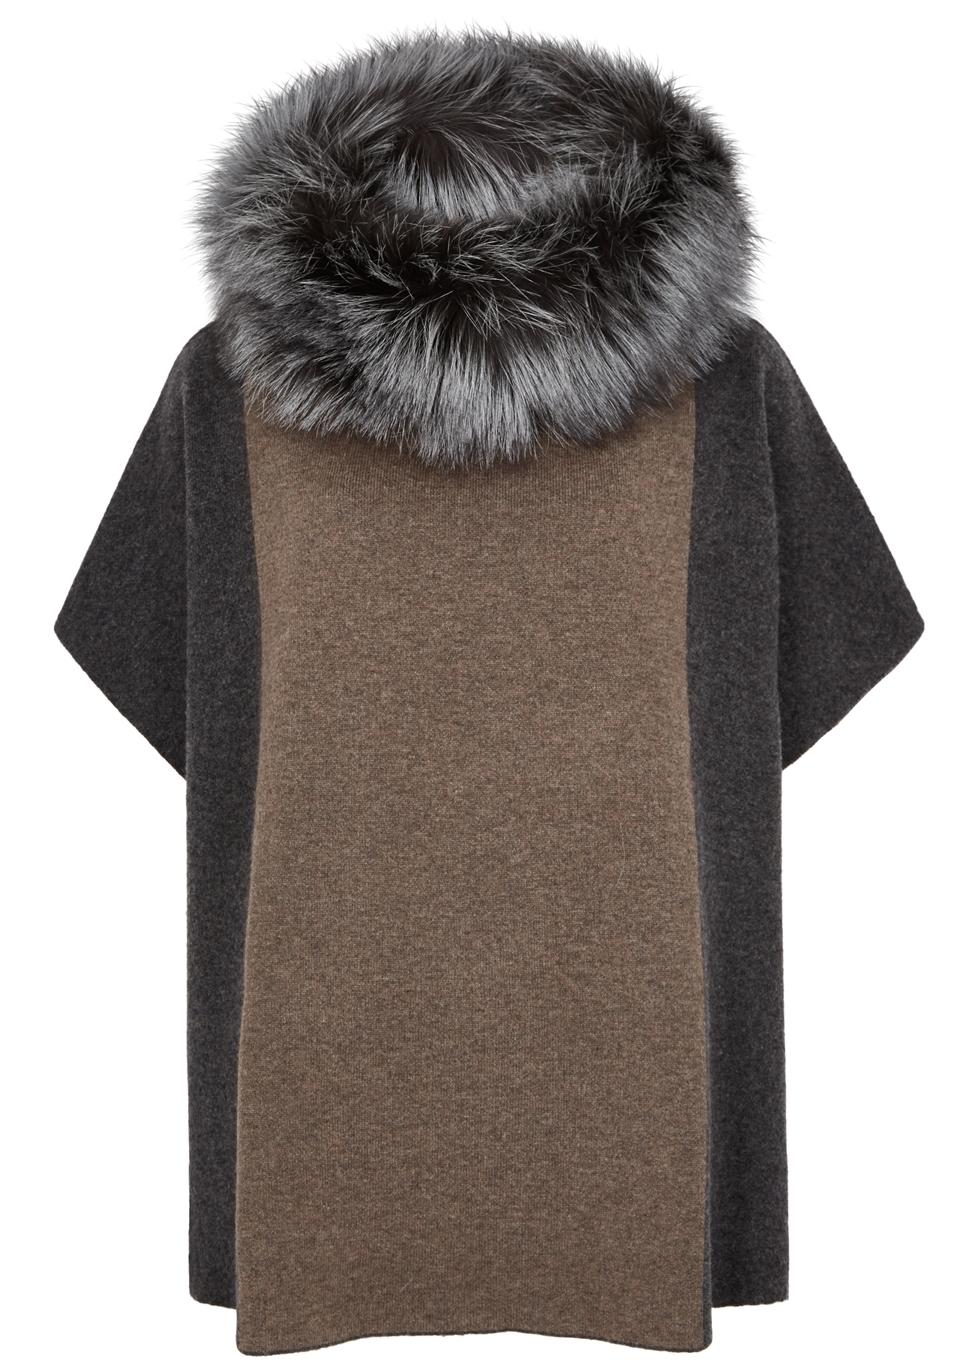 DOM GOOR Fur-Trimmed Wool-Blend Jumper in Charcoal